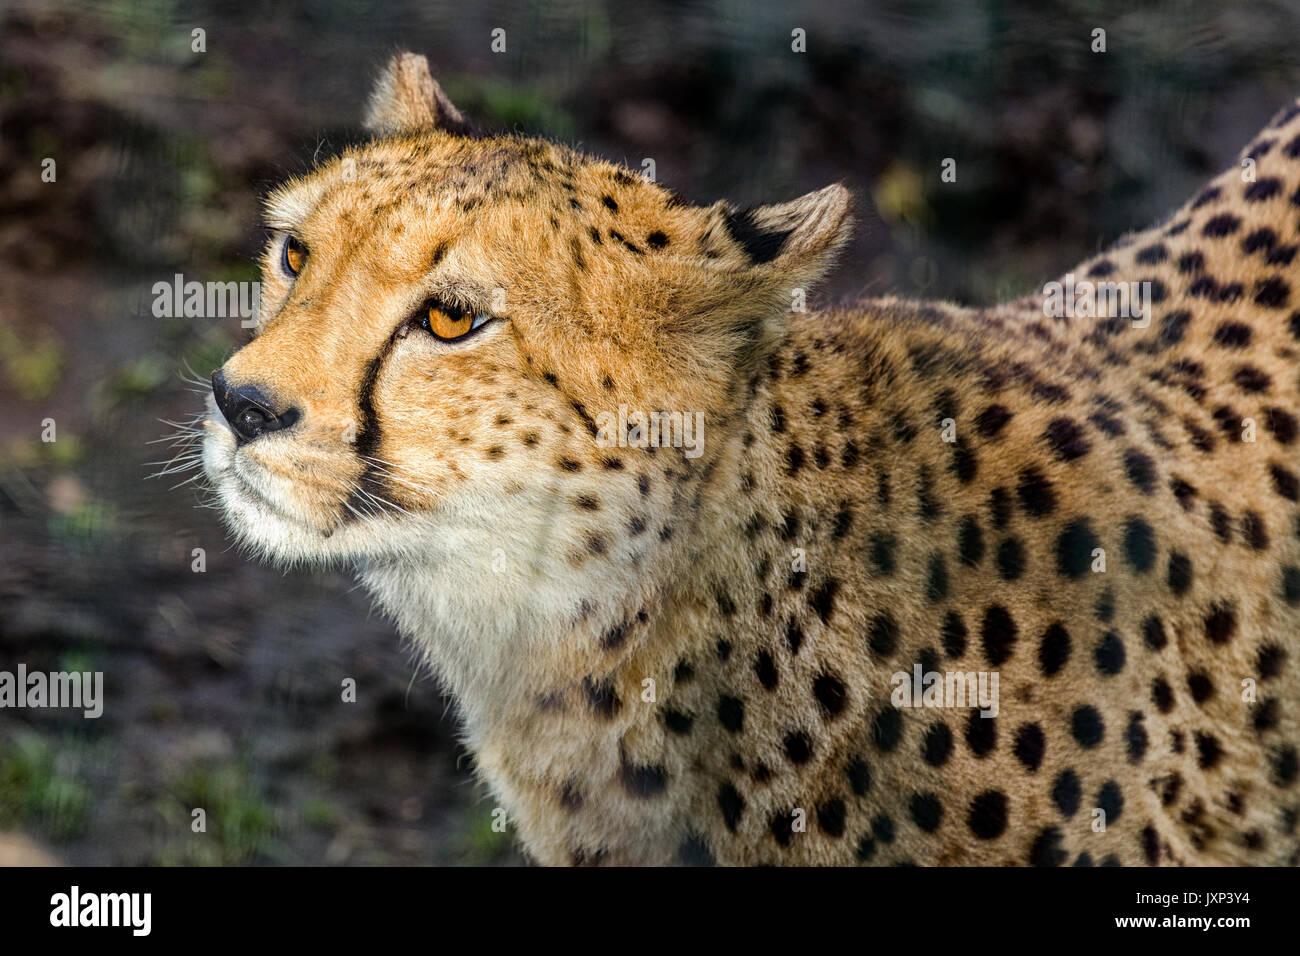 Close up Kopfschuss Portrait von Geparden (Acinonyx jubatus) im schönen dappled Licht im Freien Model Release: Nein Property Release: Nein. Stockbild